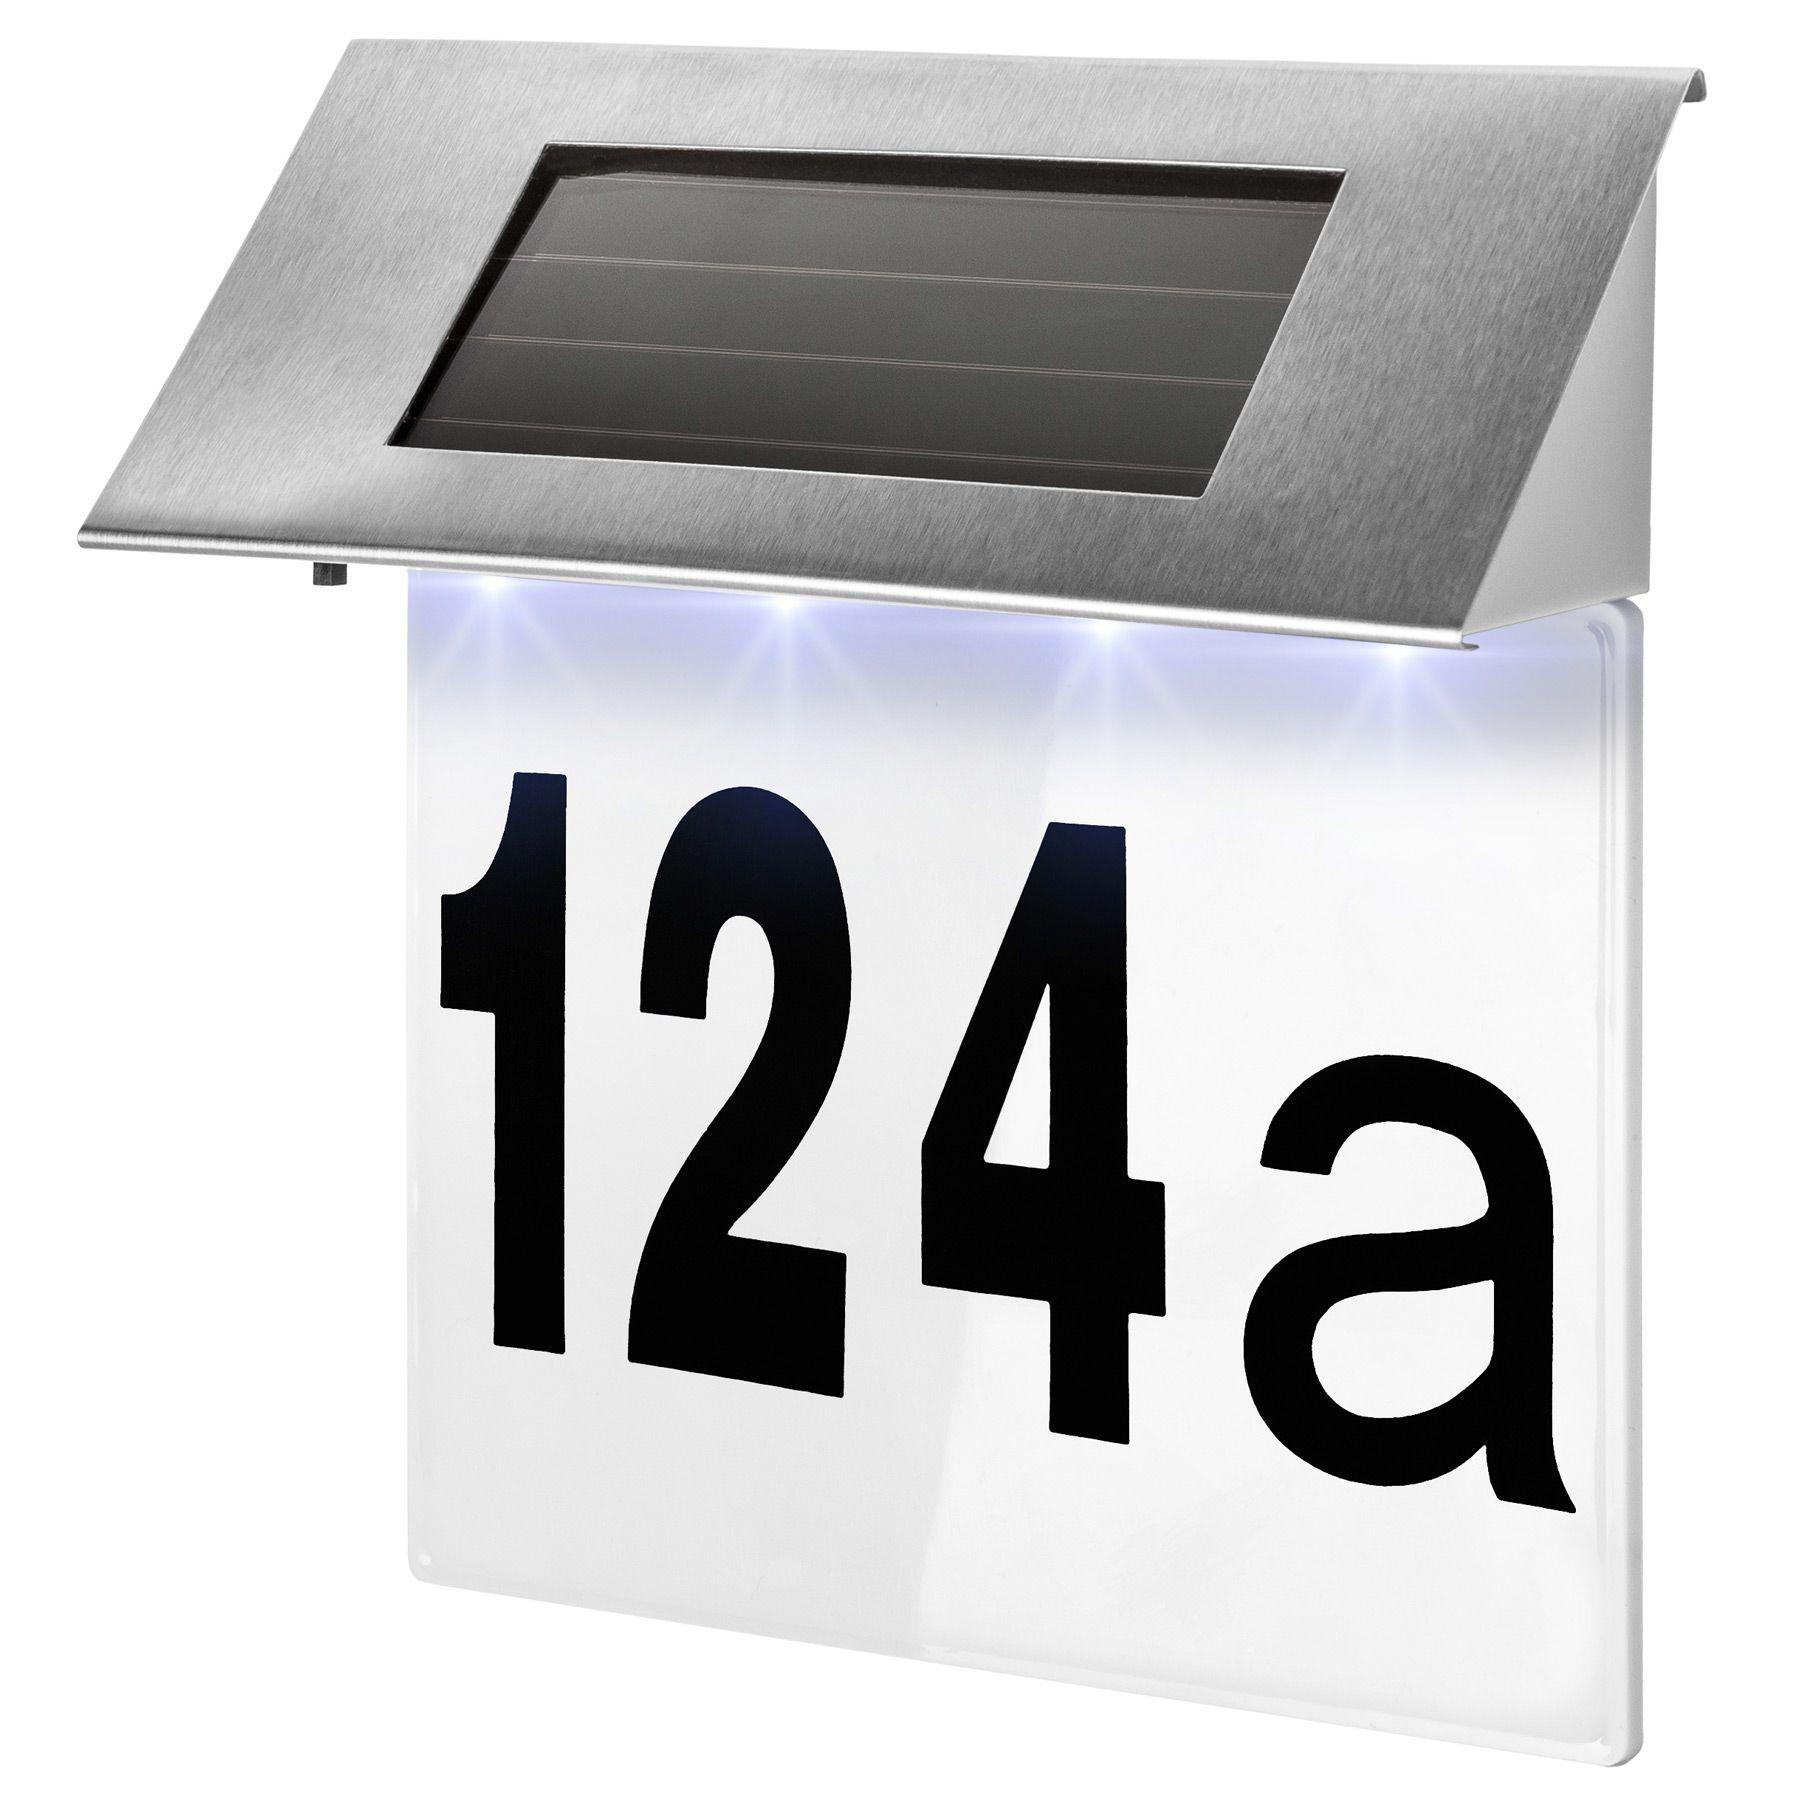 solar hausnummer beleuchtung hausnummer beleuchtet hausnummernleuchte edelstahl 4260505440107 ebay. Black Bedroom Furniture Sets. Home Design Ideas